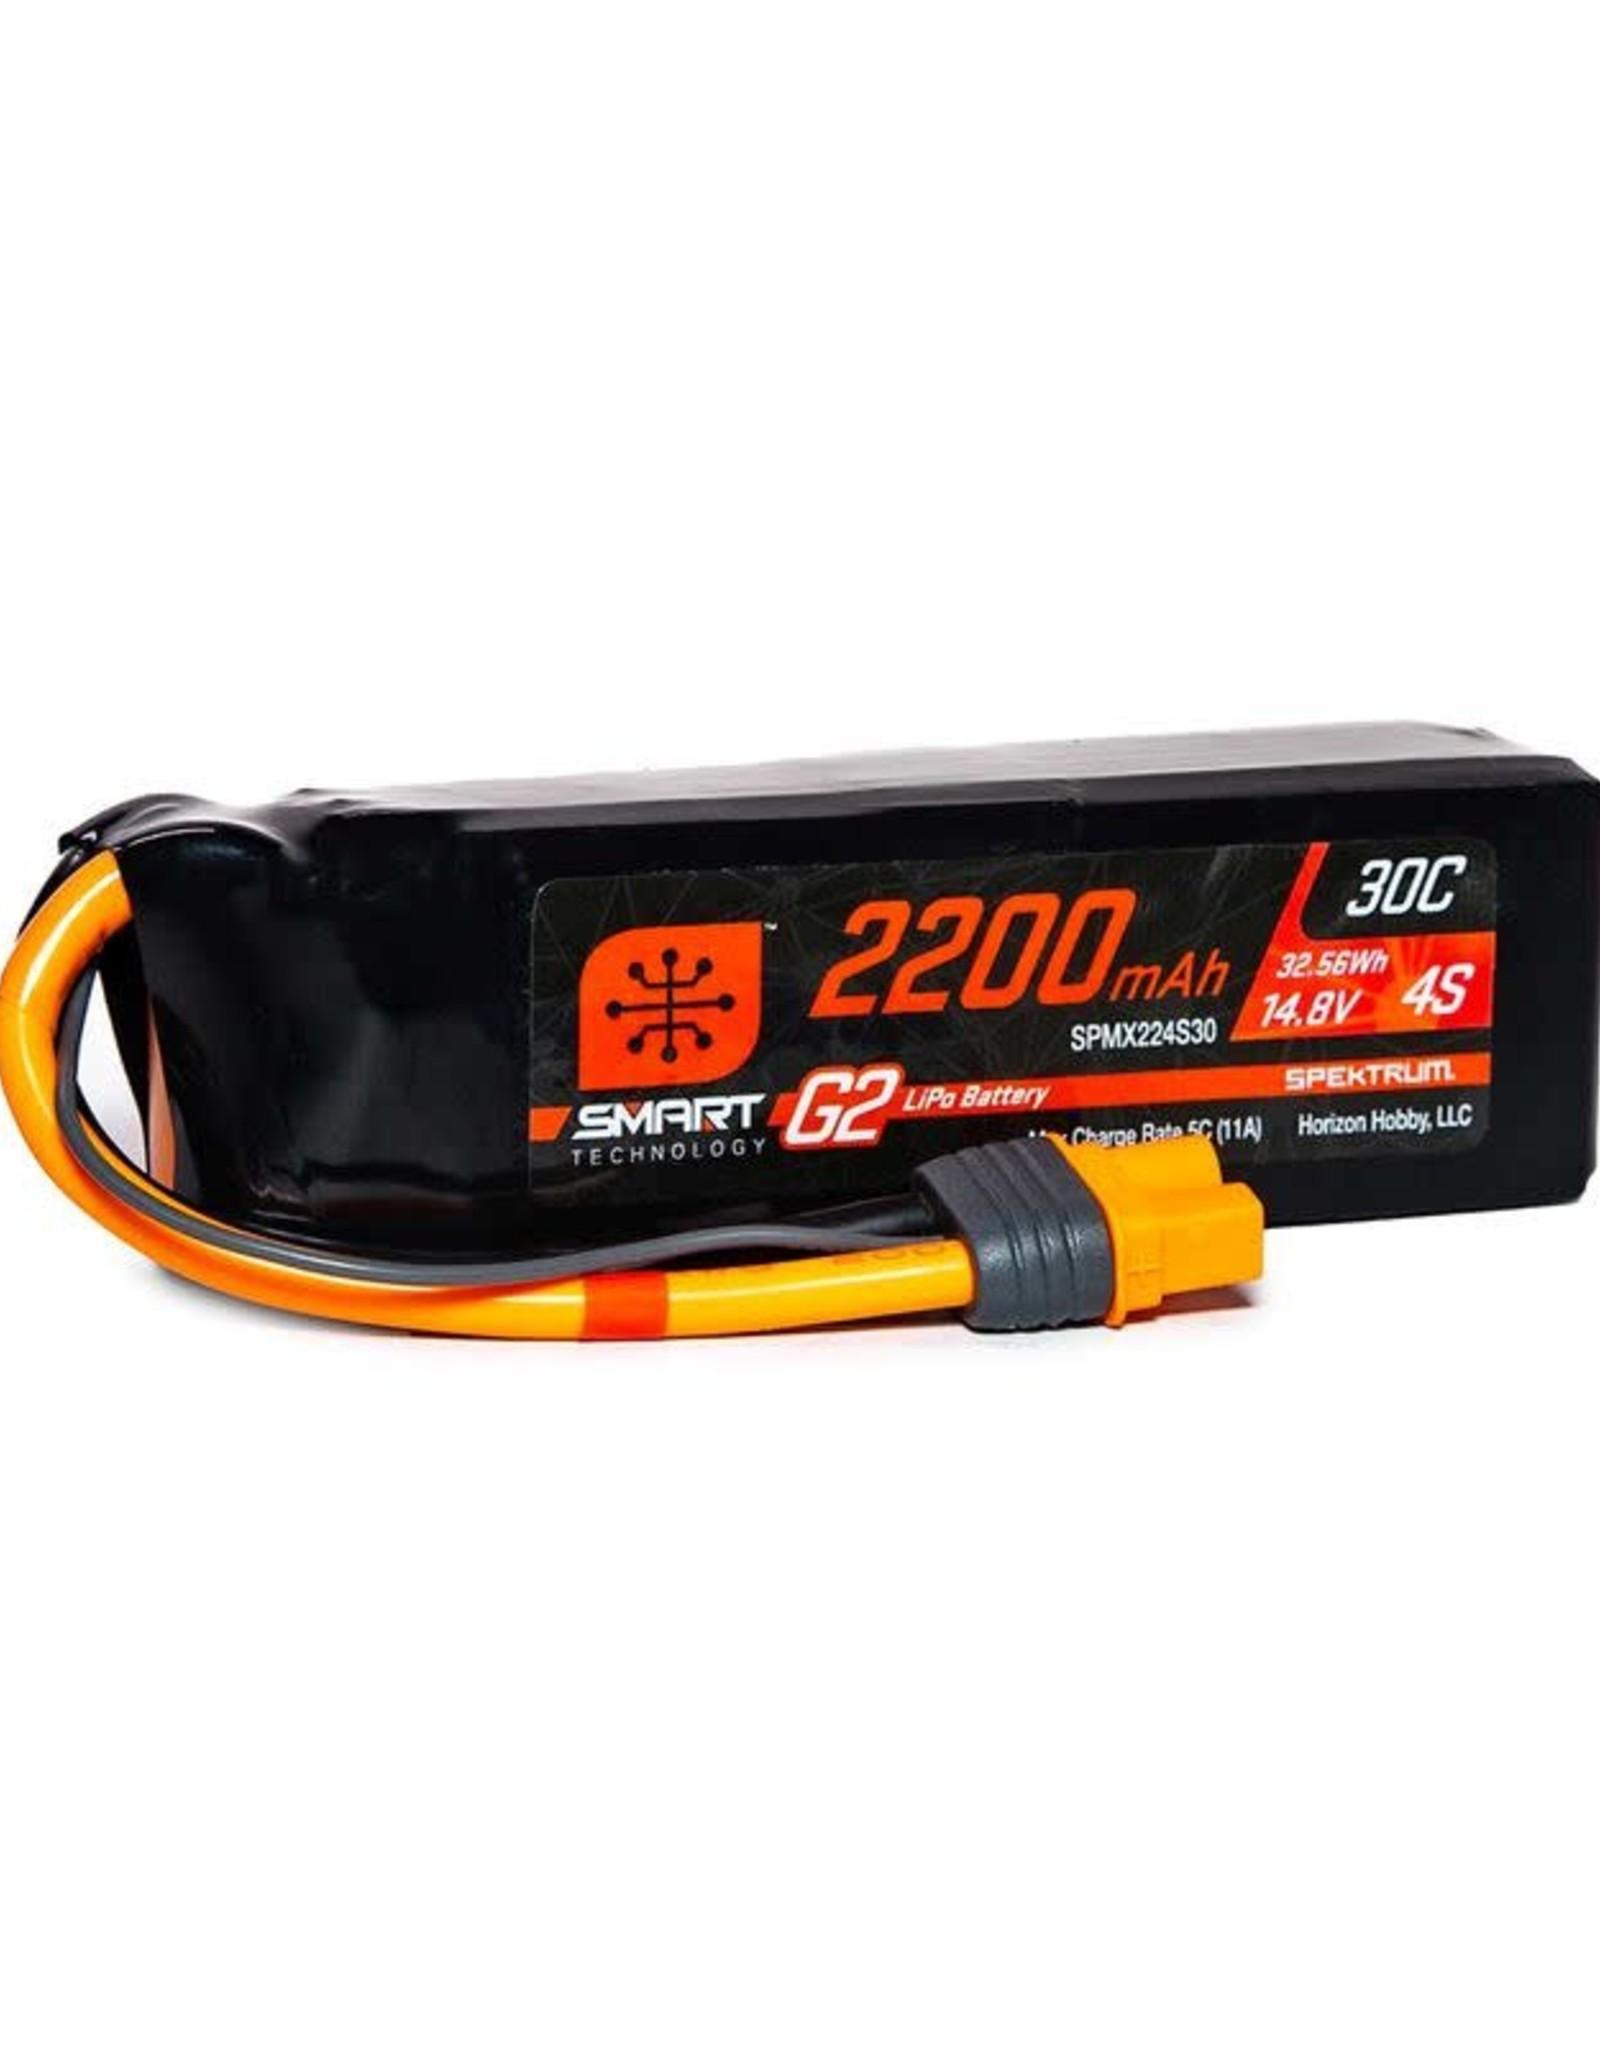 spektrum SPMX224S302200mAh 4S 14.8V Smart G2 LiPo 30C; IC3